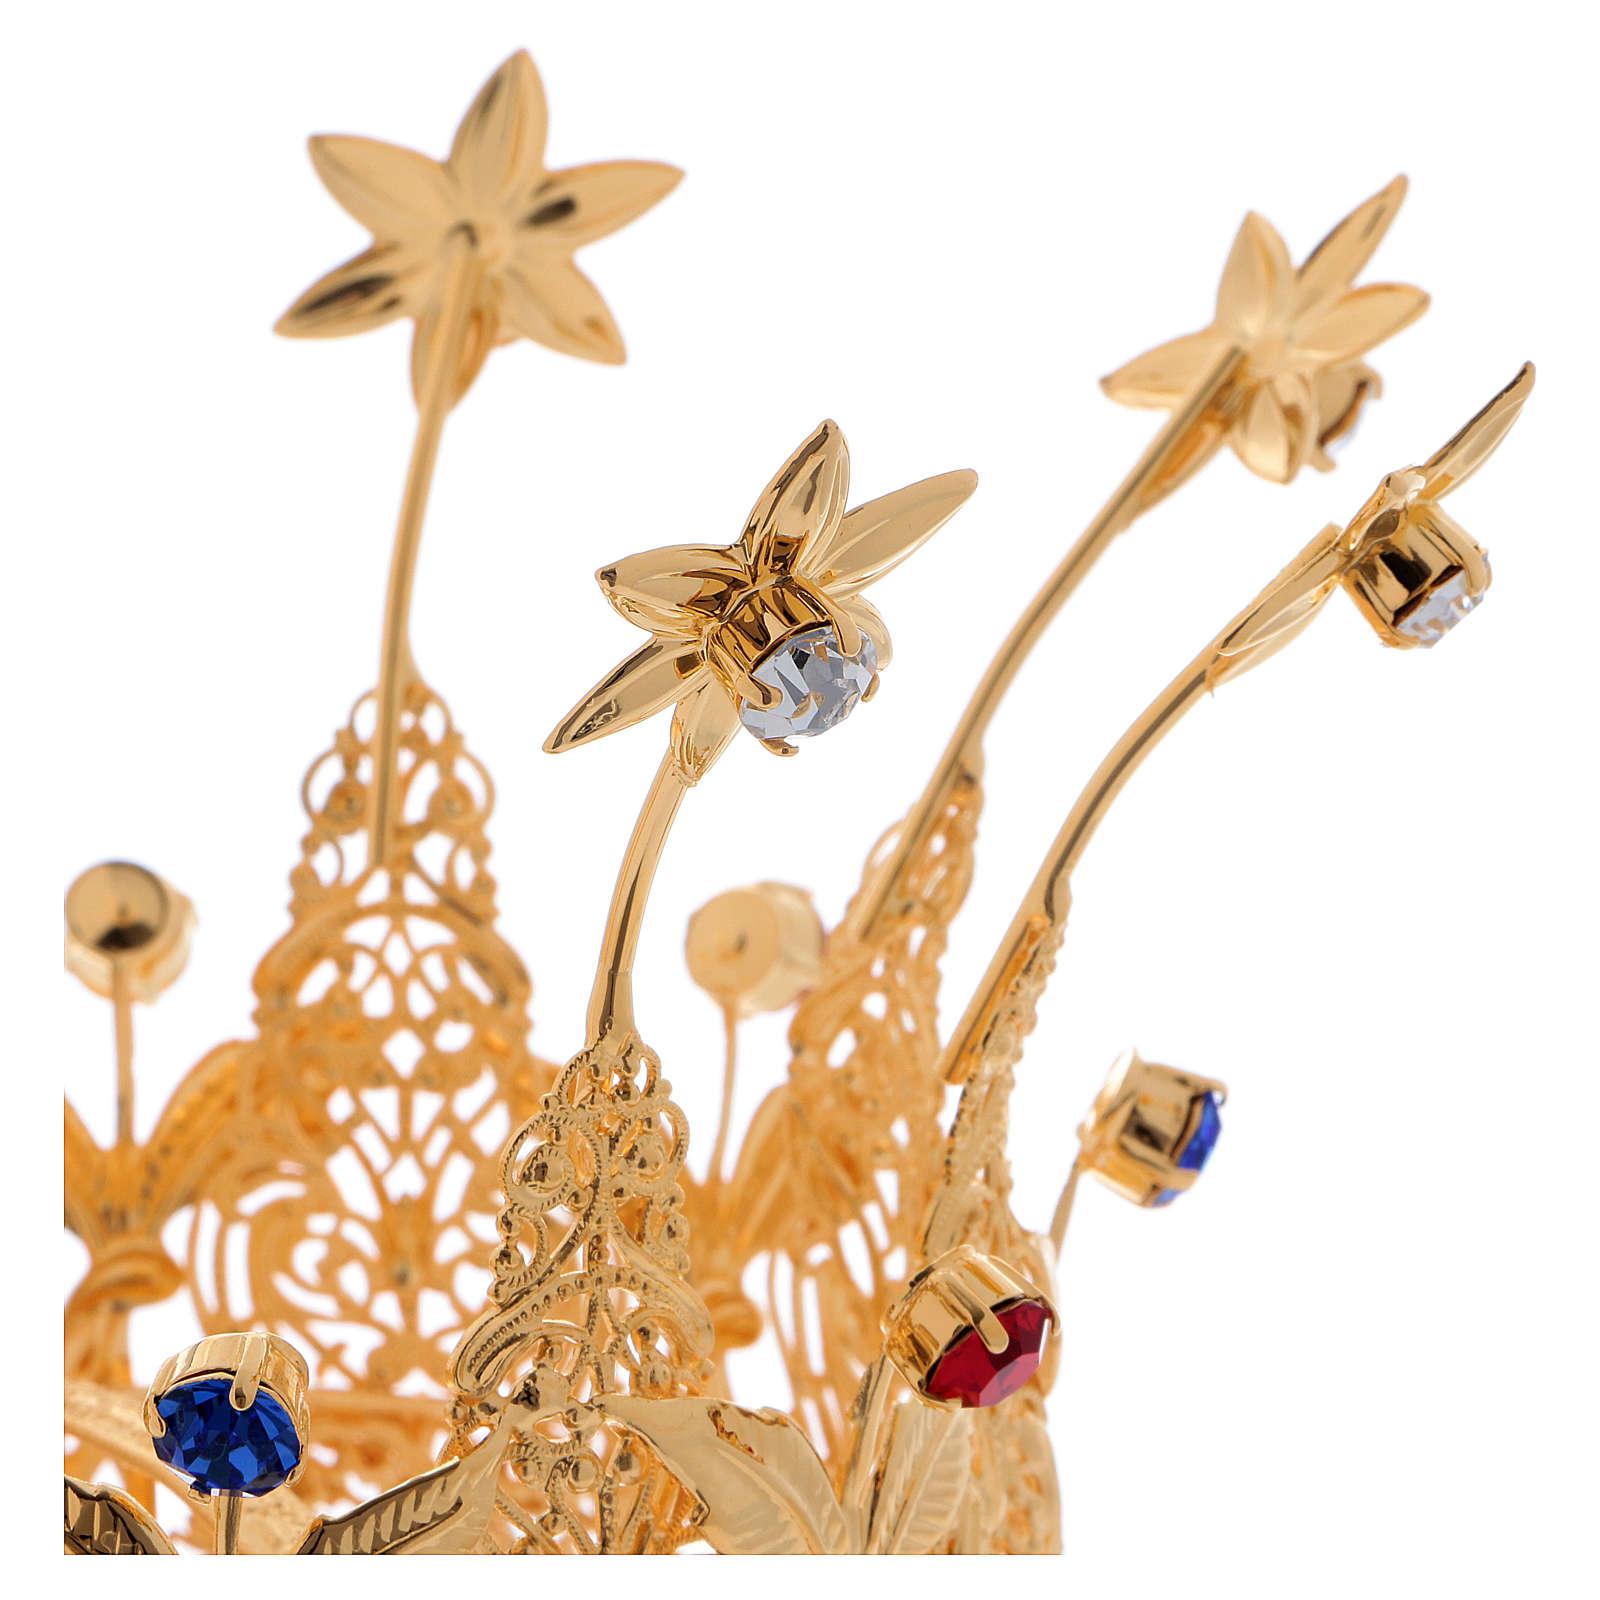 Corona stile reale fiori e gemme per statue diam. 10 cm 3